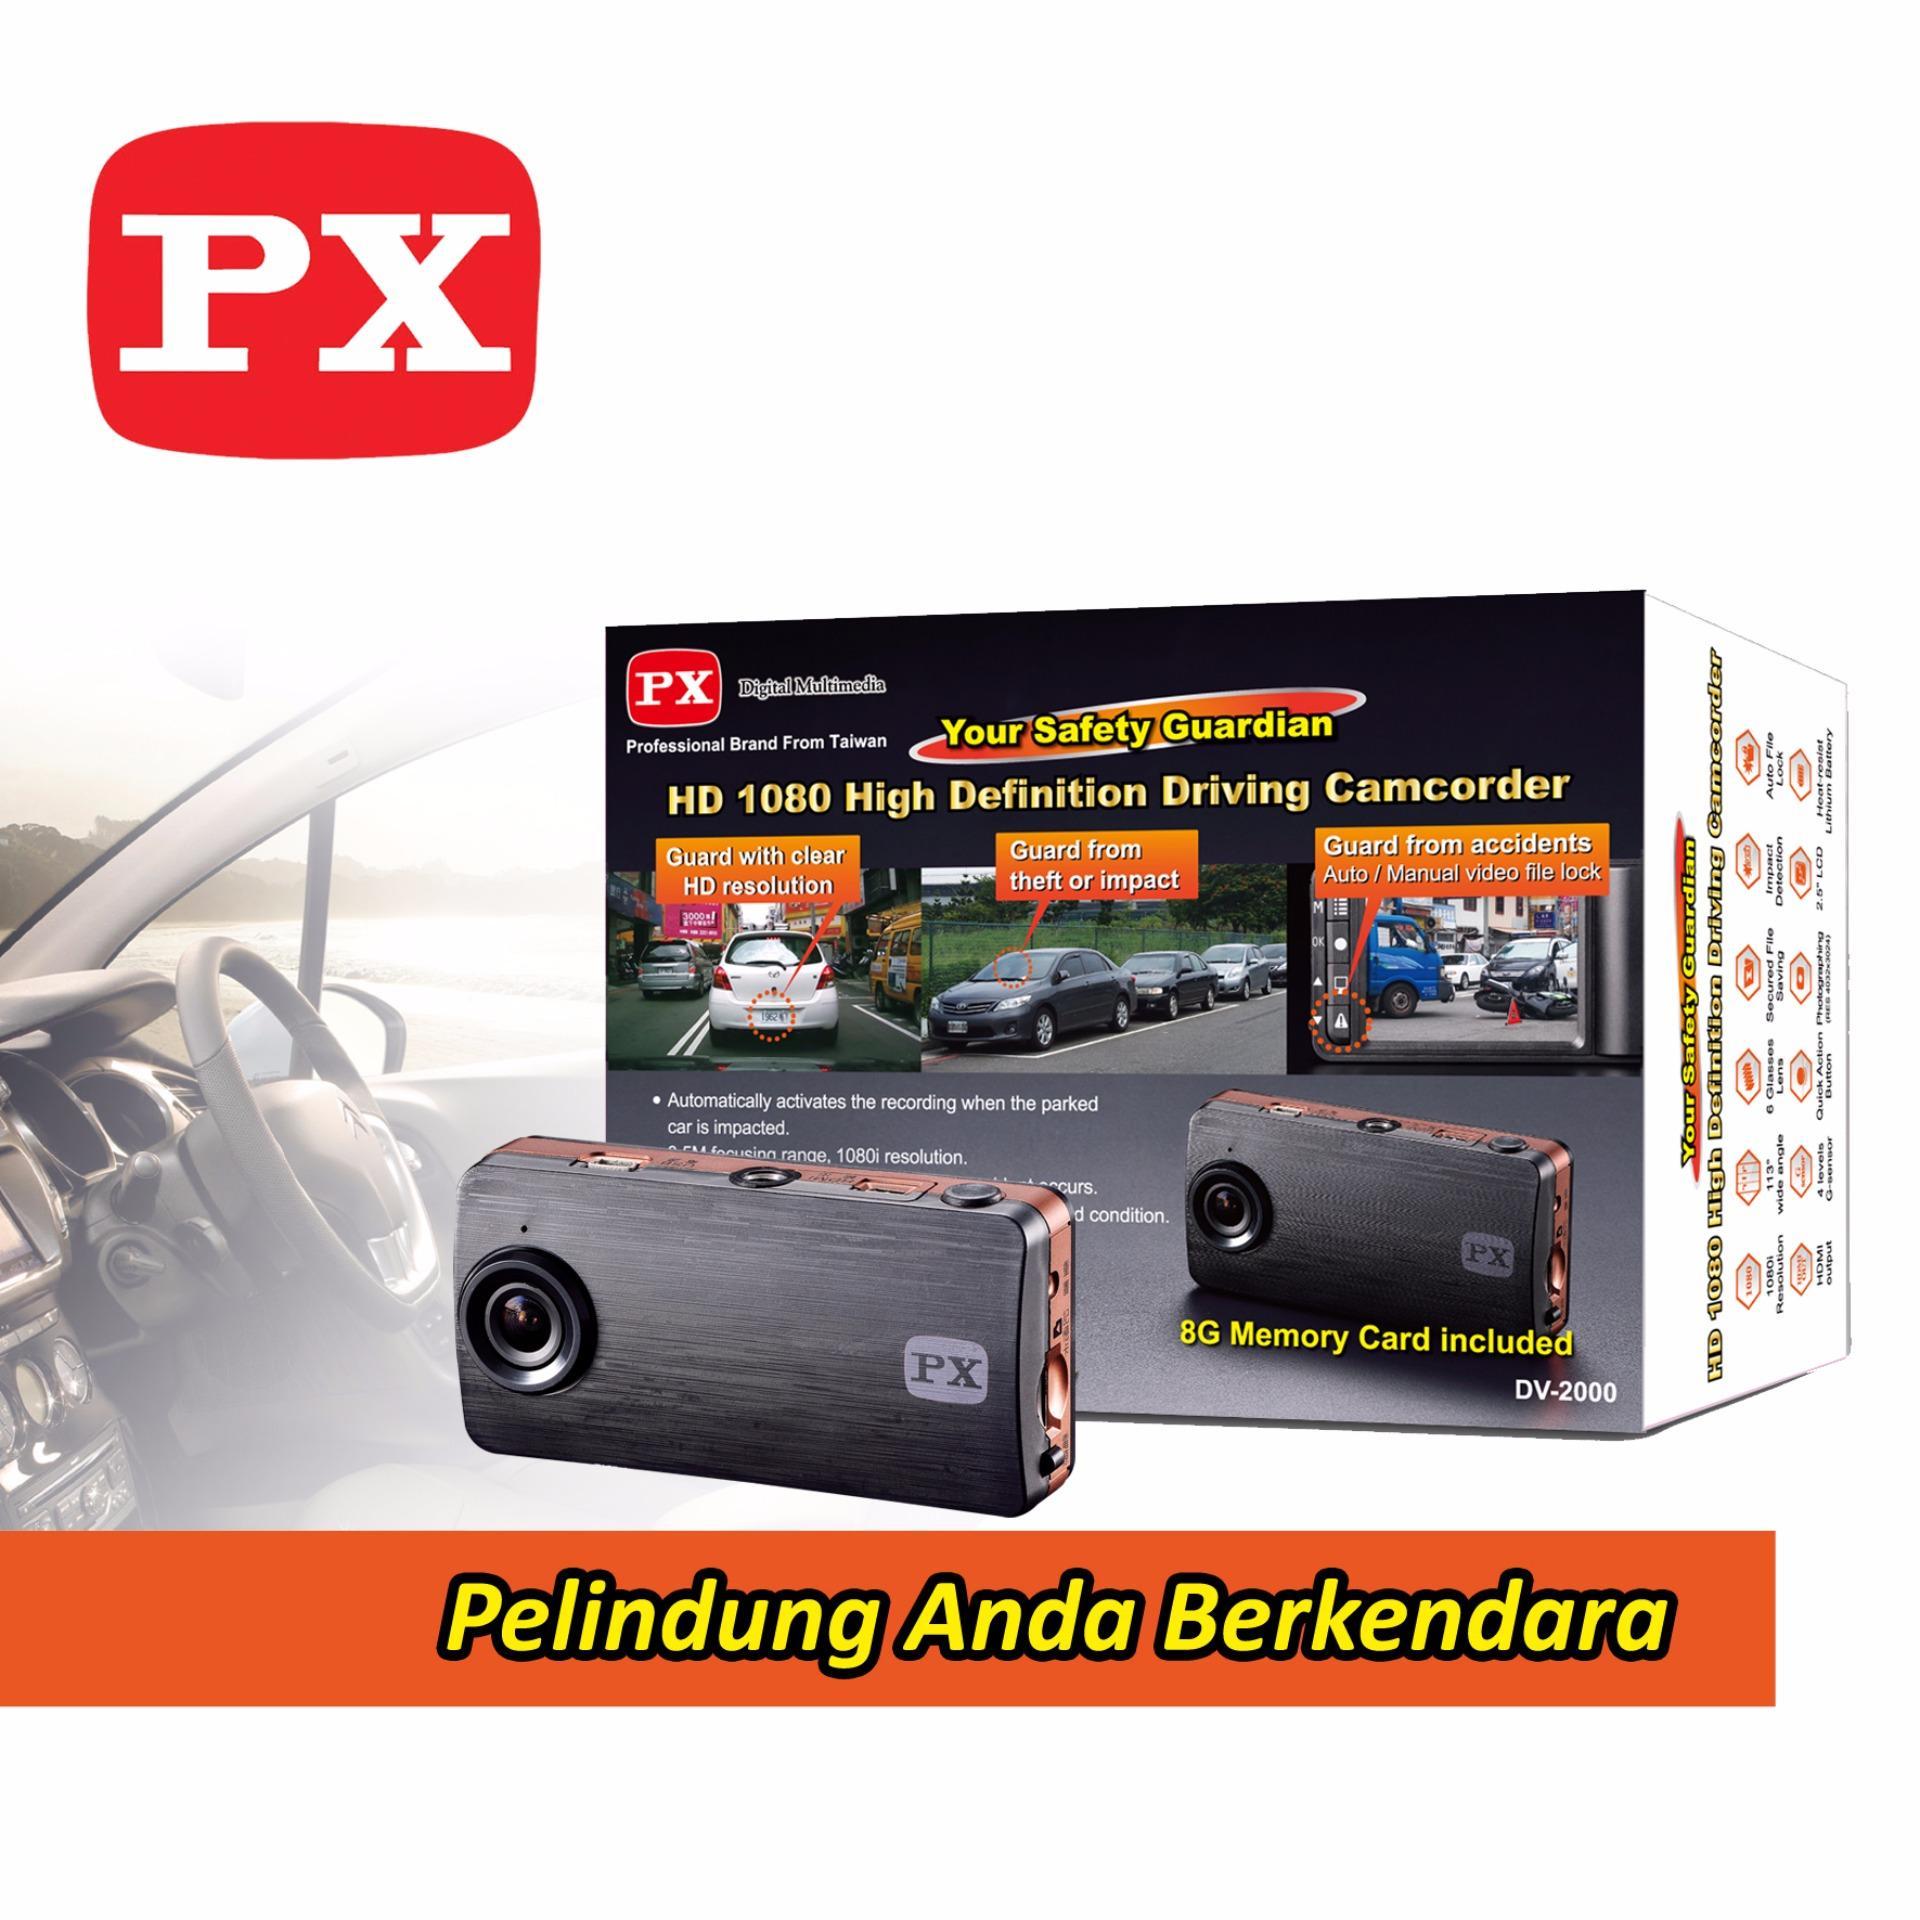 Toko Px Car Camcorder Dv 2000 Terlengkap Di Indonesia